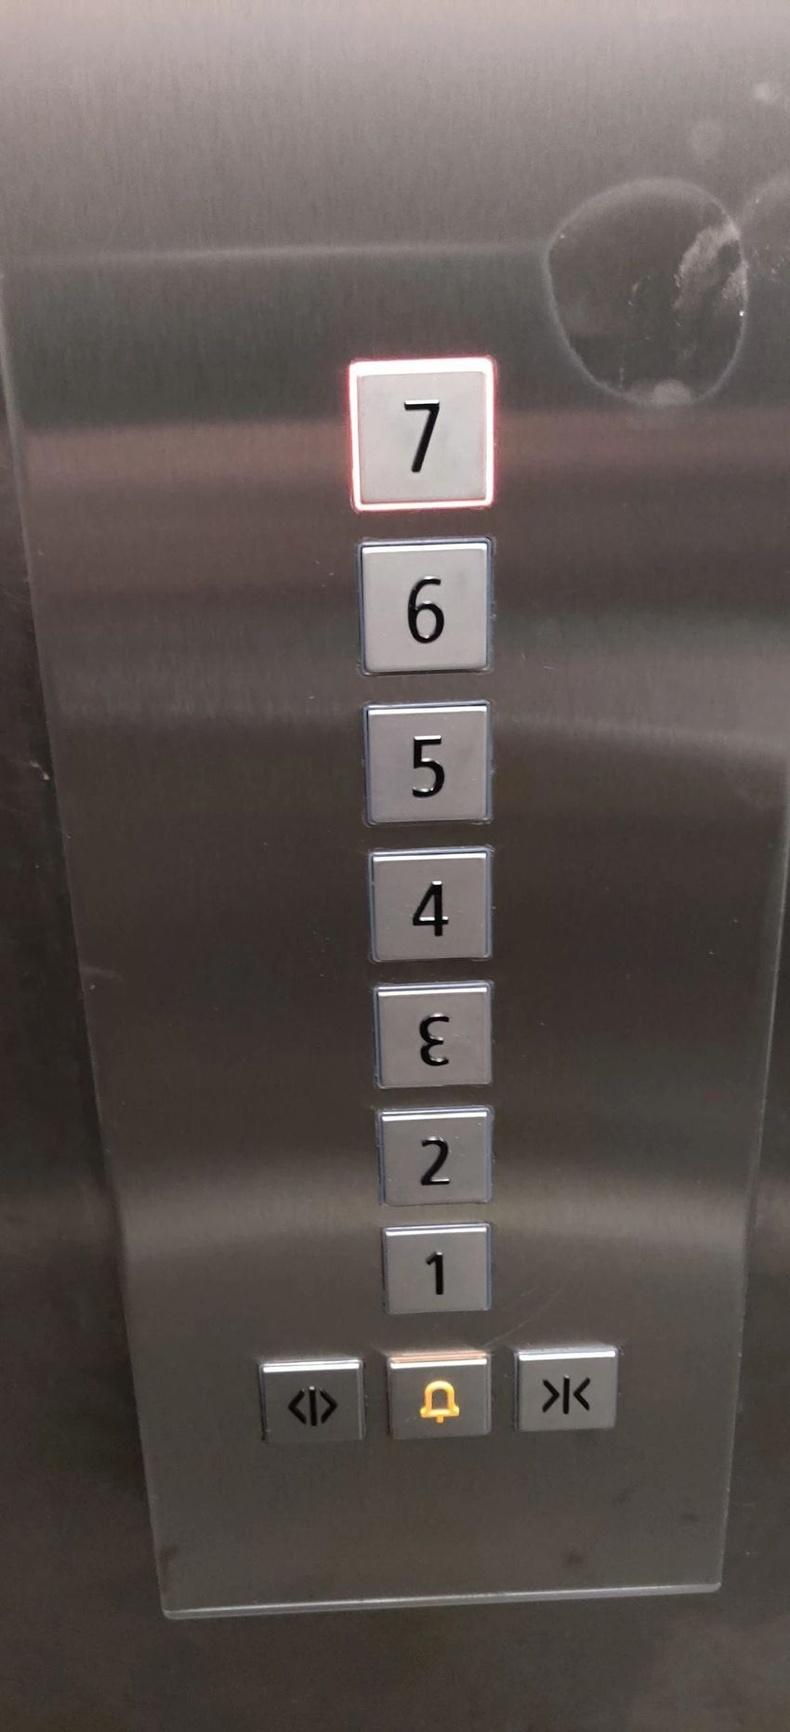 Лифтний товчлуур дээр ч залхуурчээ